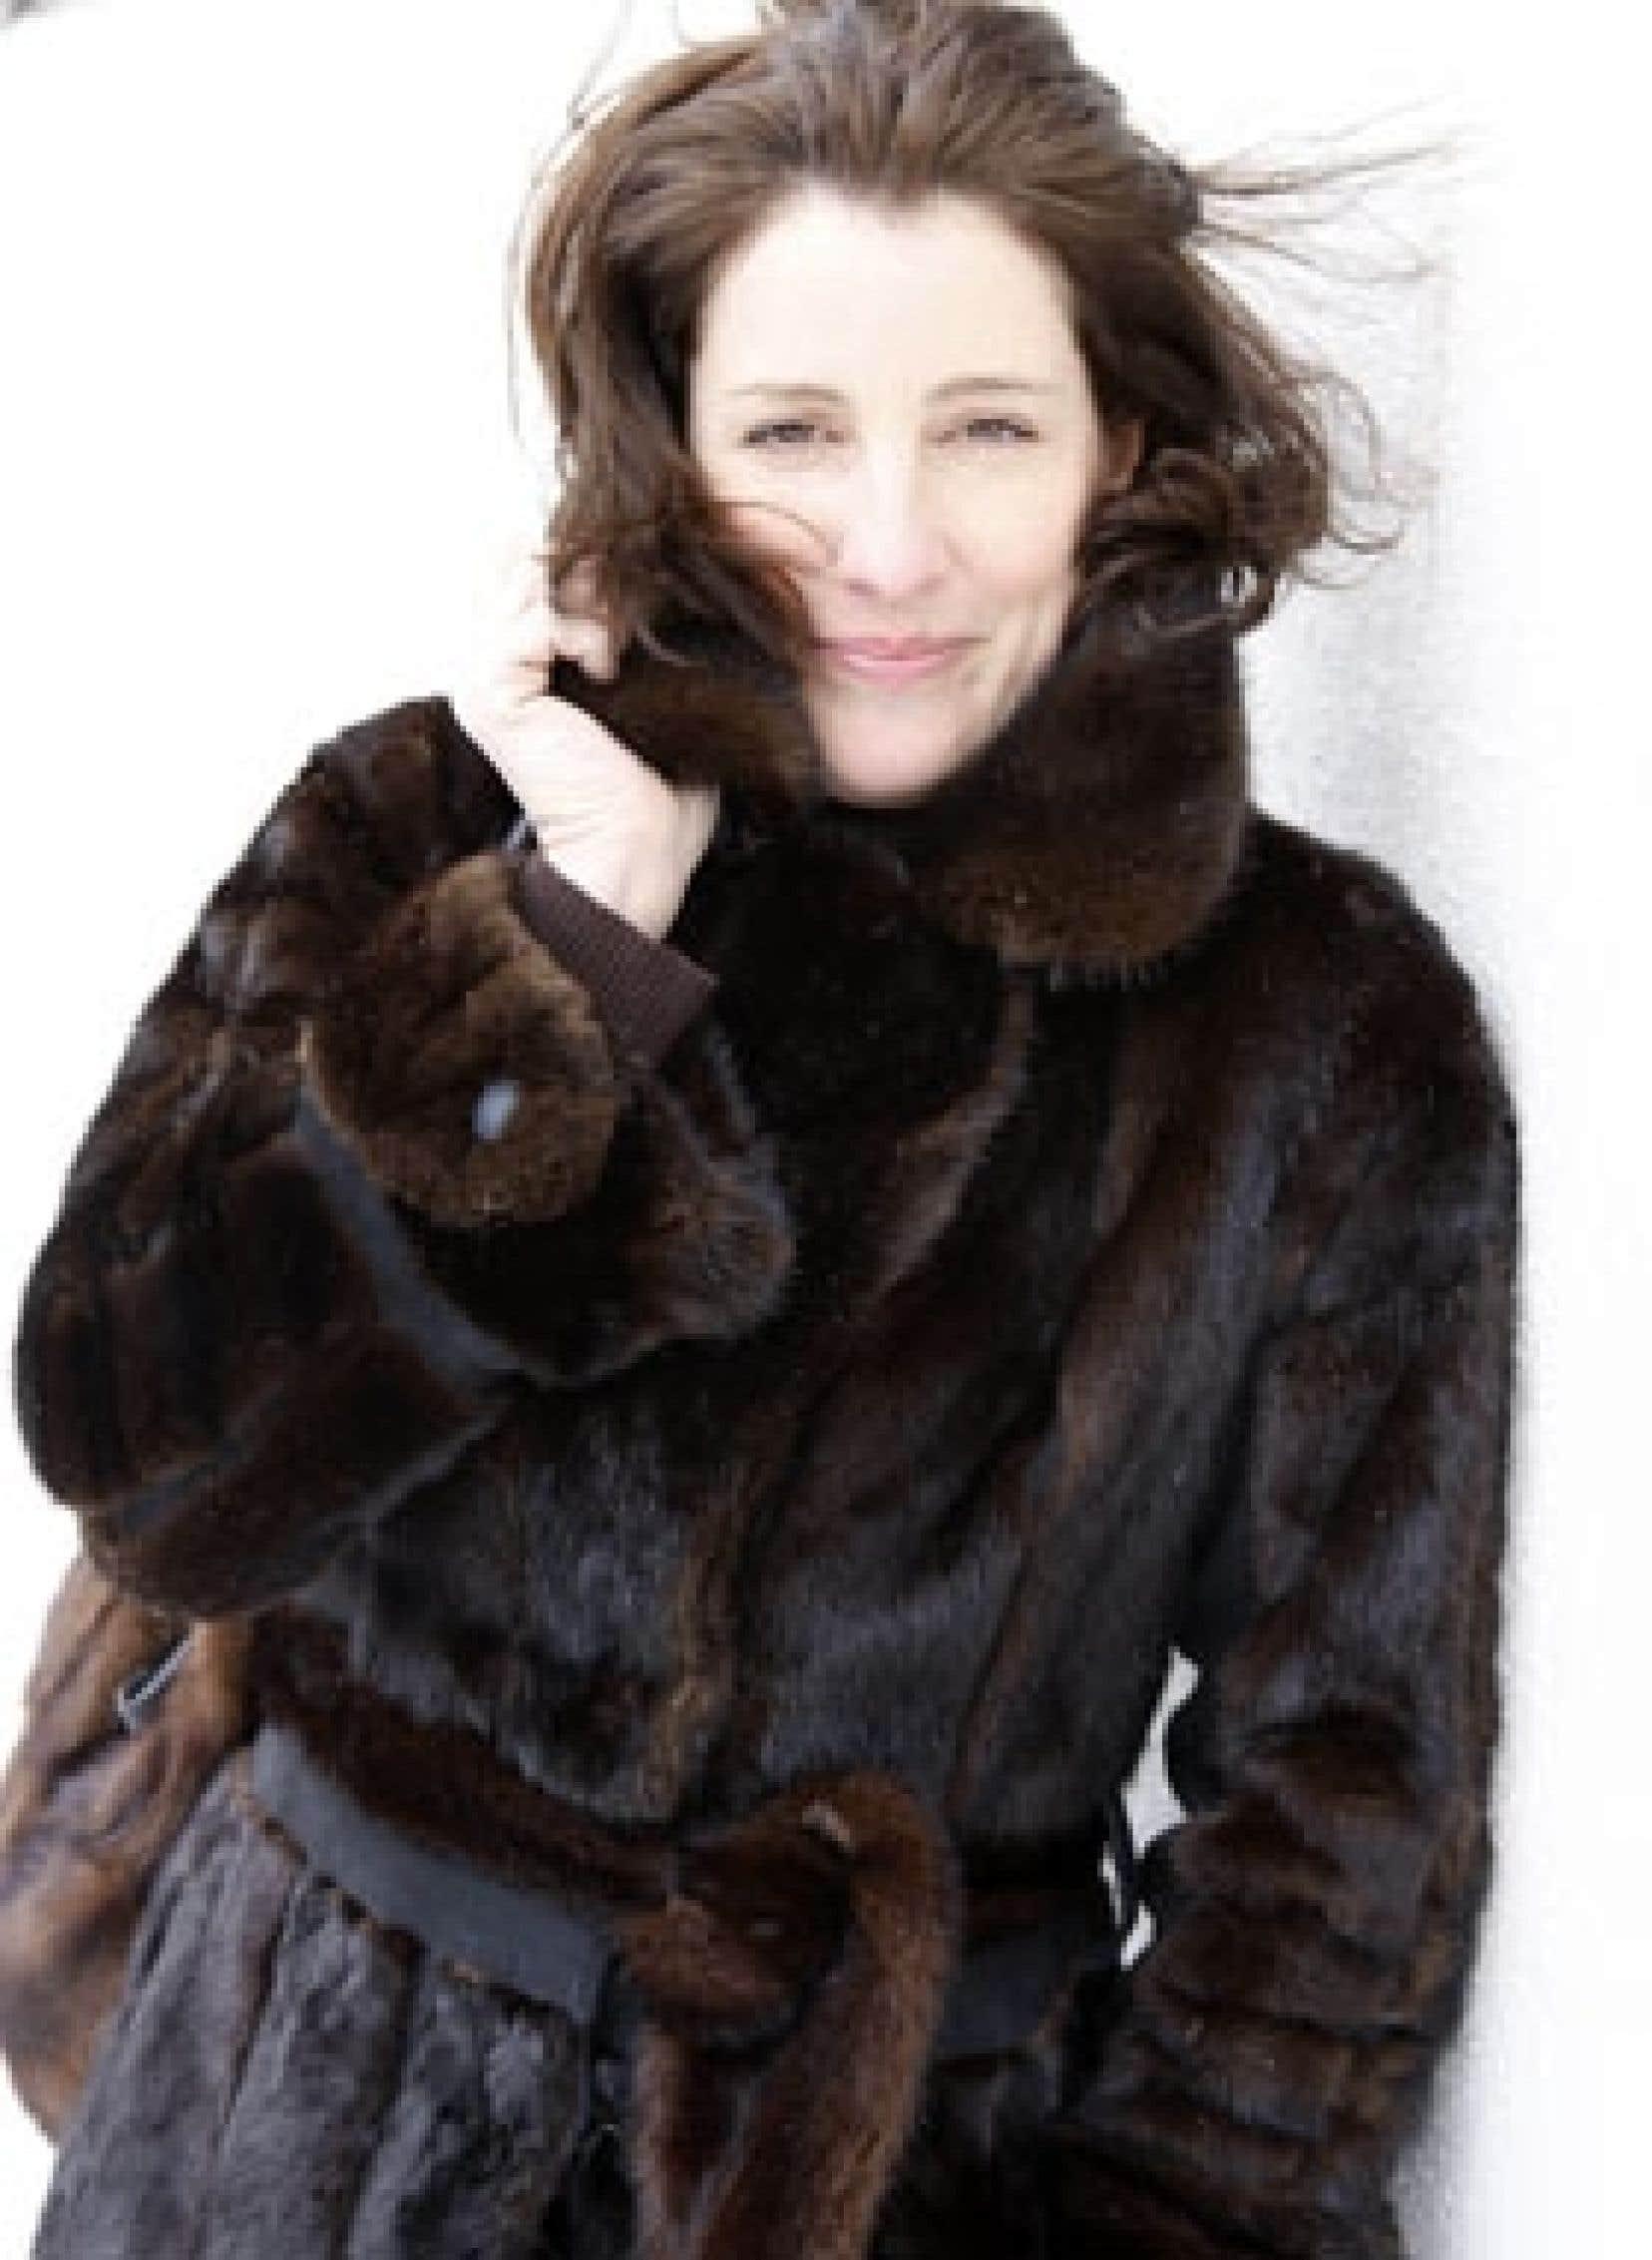 «J'en ai pour 2000 ans à faire de la fourrure recyclée! En Allemagne, en Russie, ils veulent tous me donner leurs manteaux!»